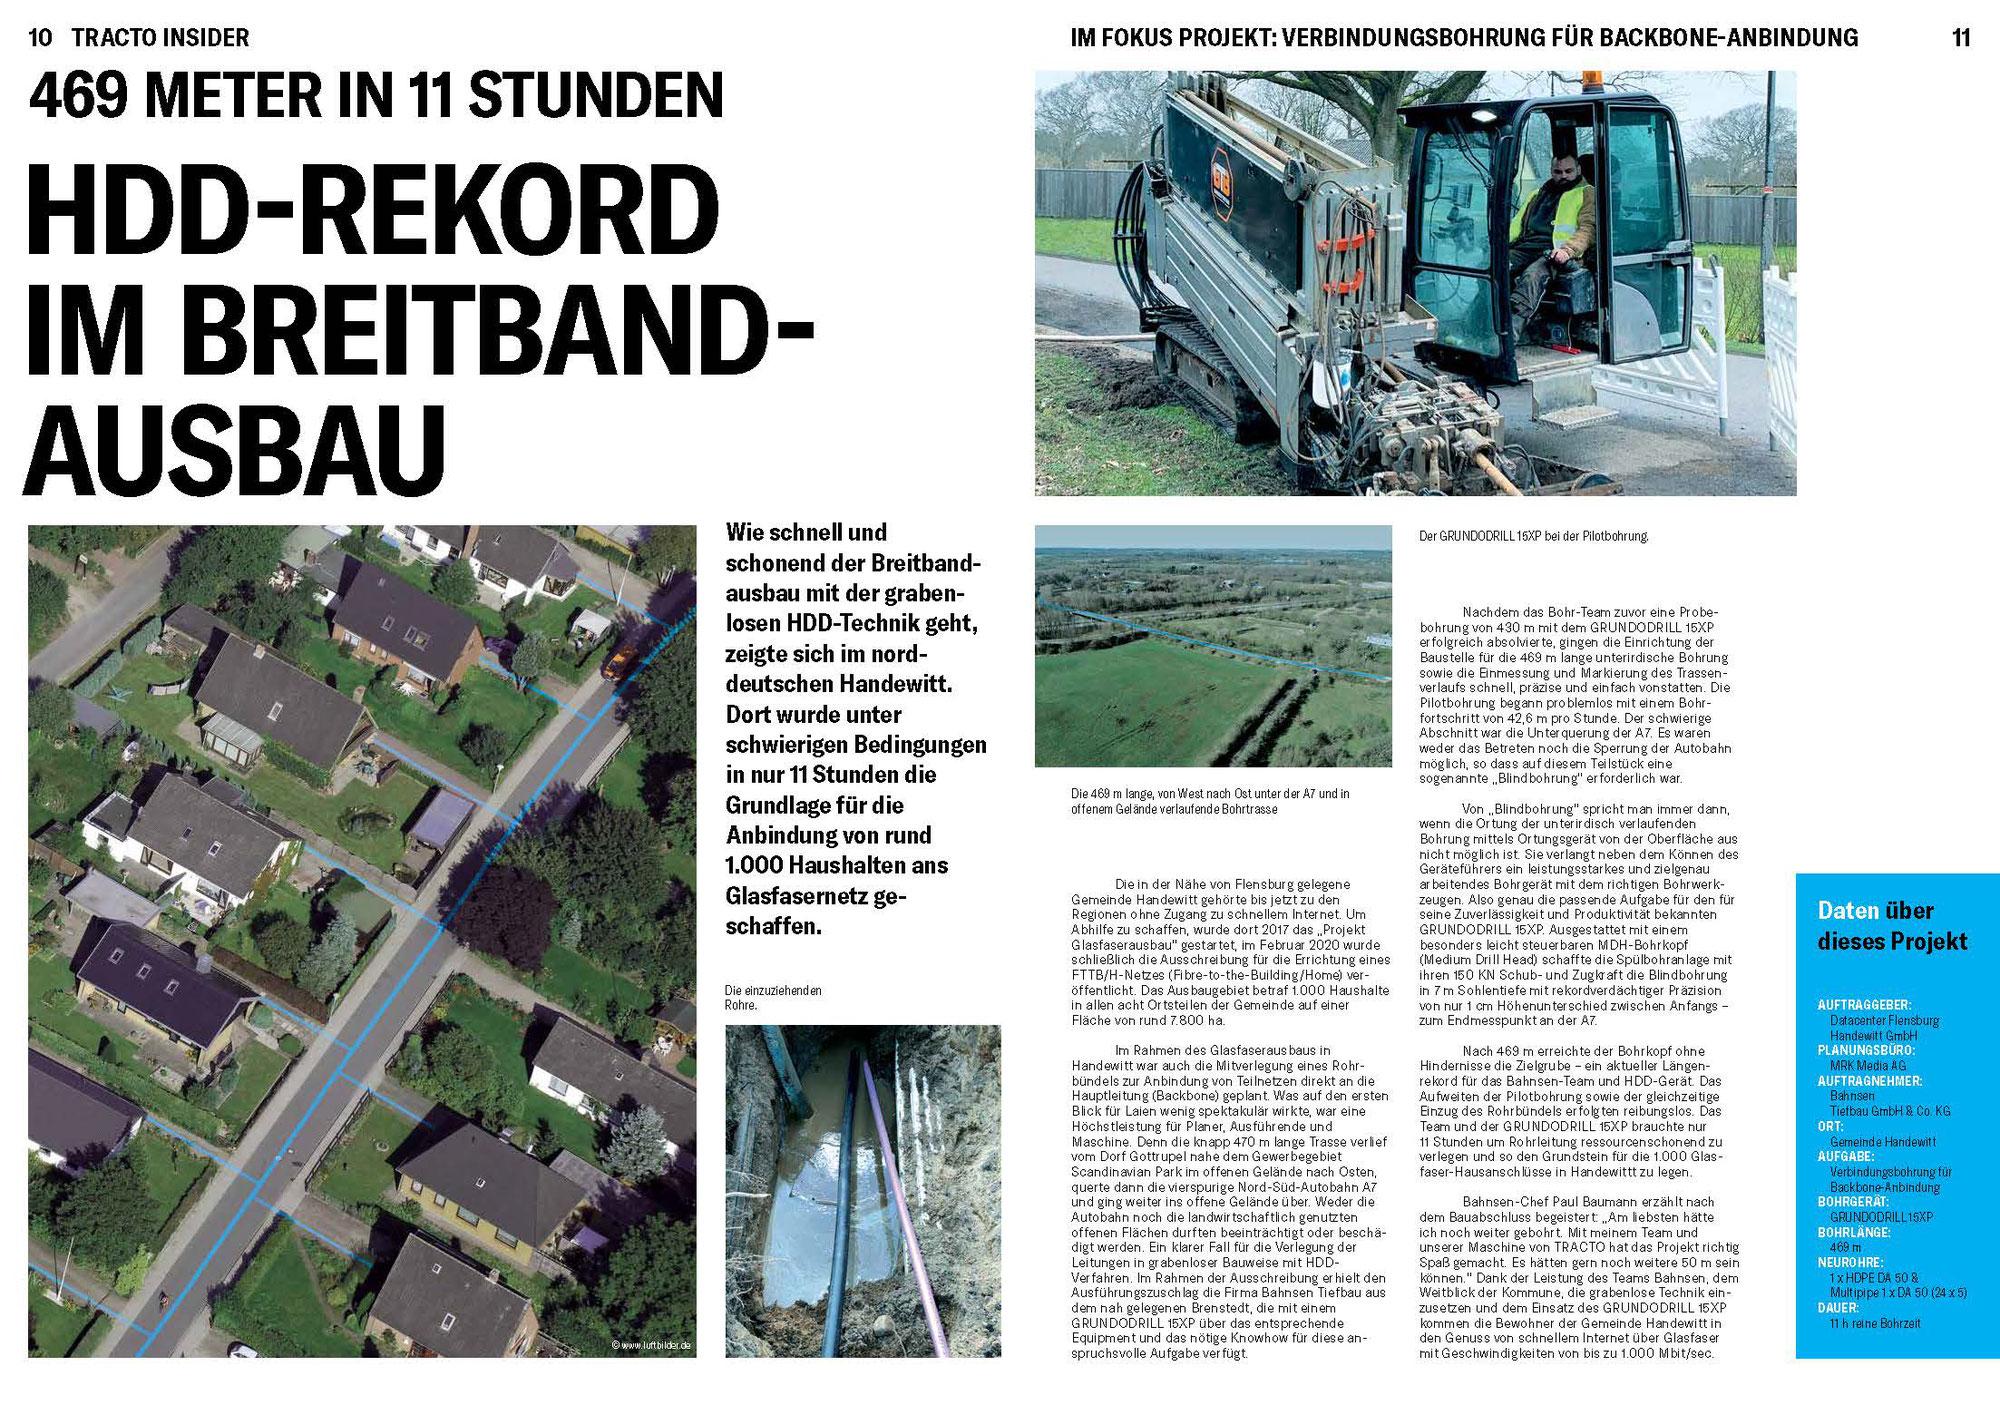 Bahnsen Tiefbau - HDD-REKORD IM BREITBANDAUSBAU